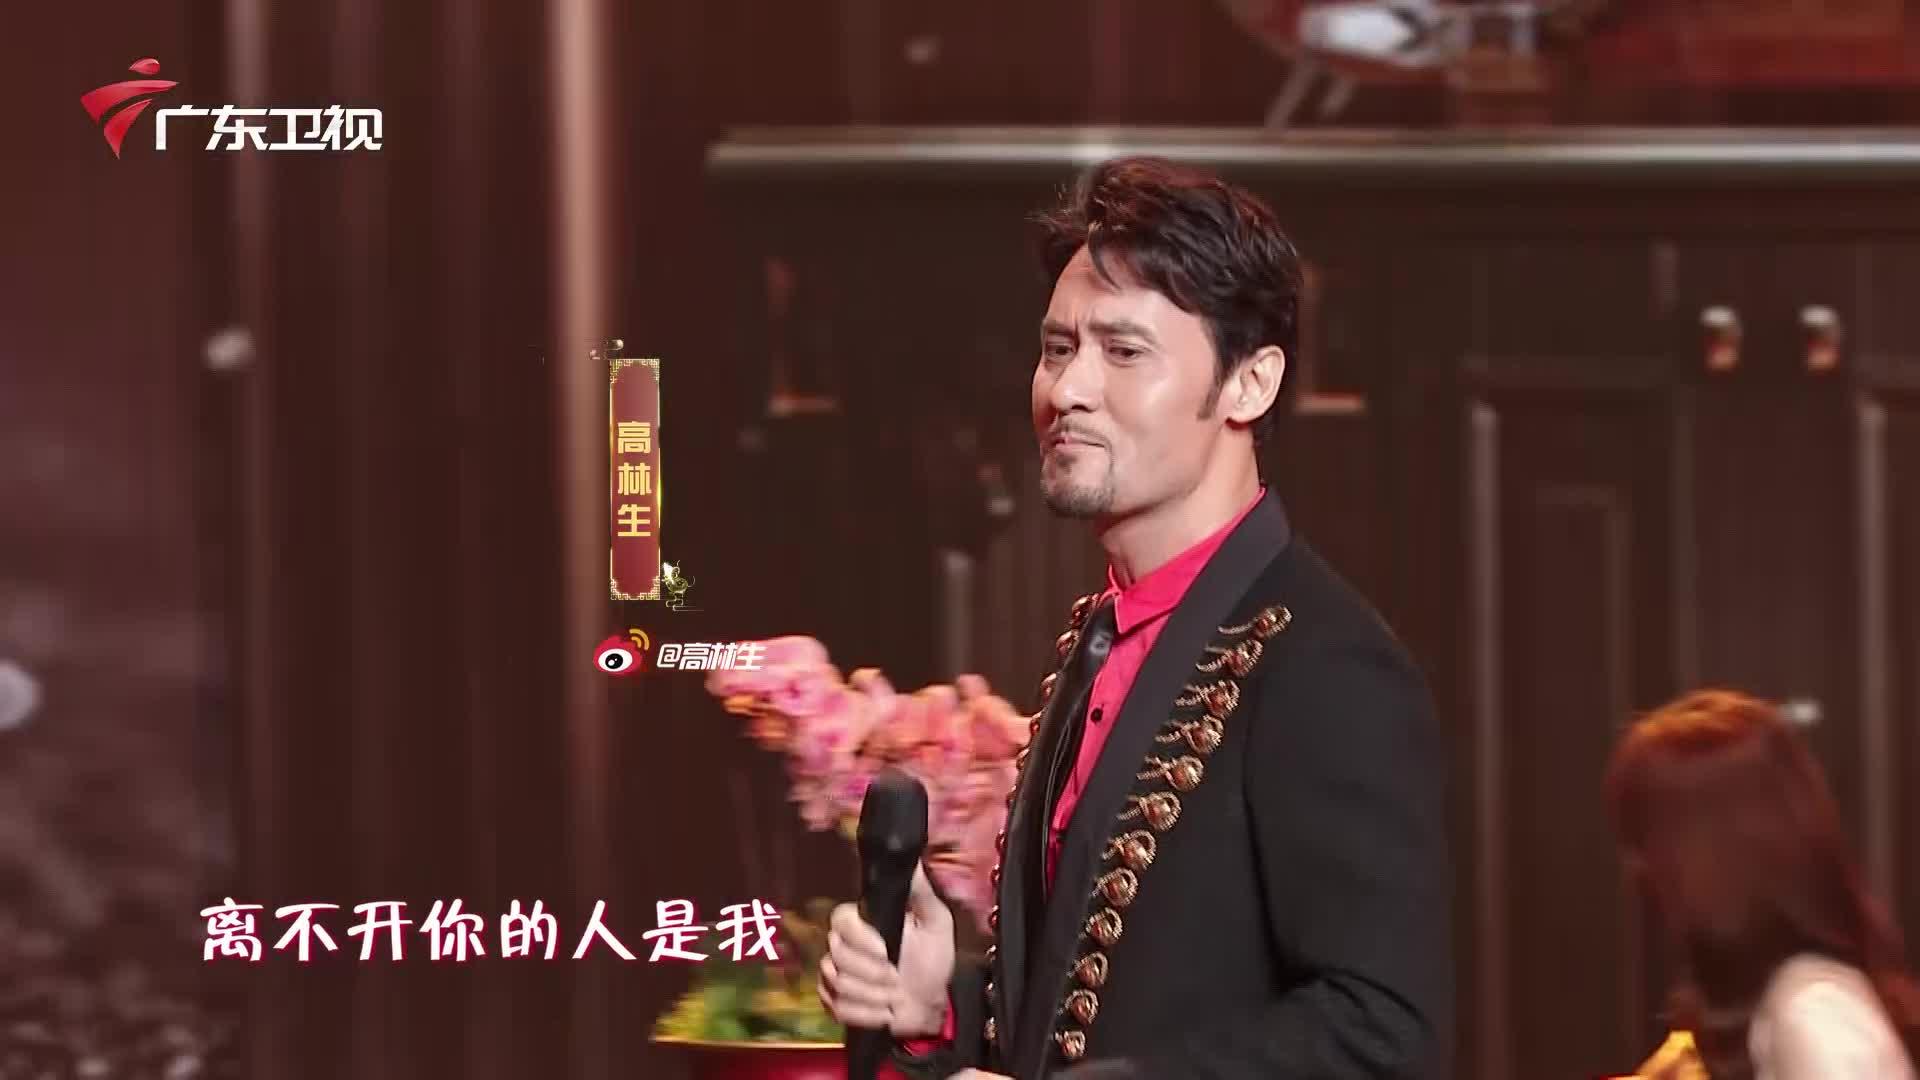 杨钰莹、陈明、李春波、高林生同台联唱,歌声流淌暖人心田